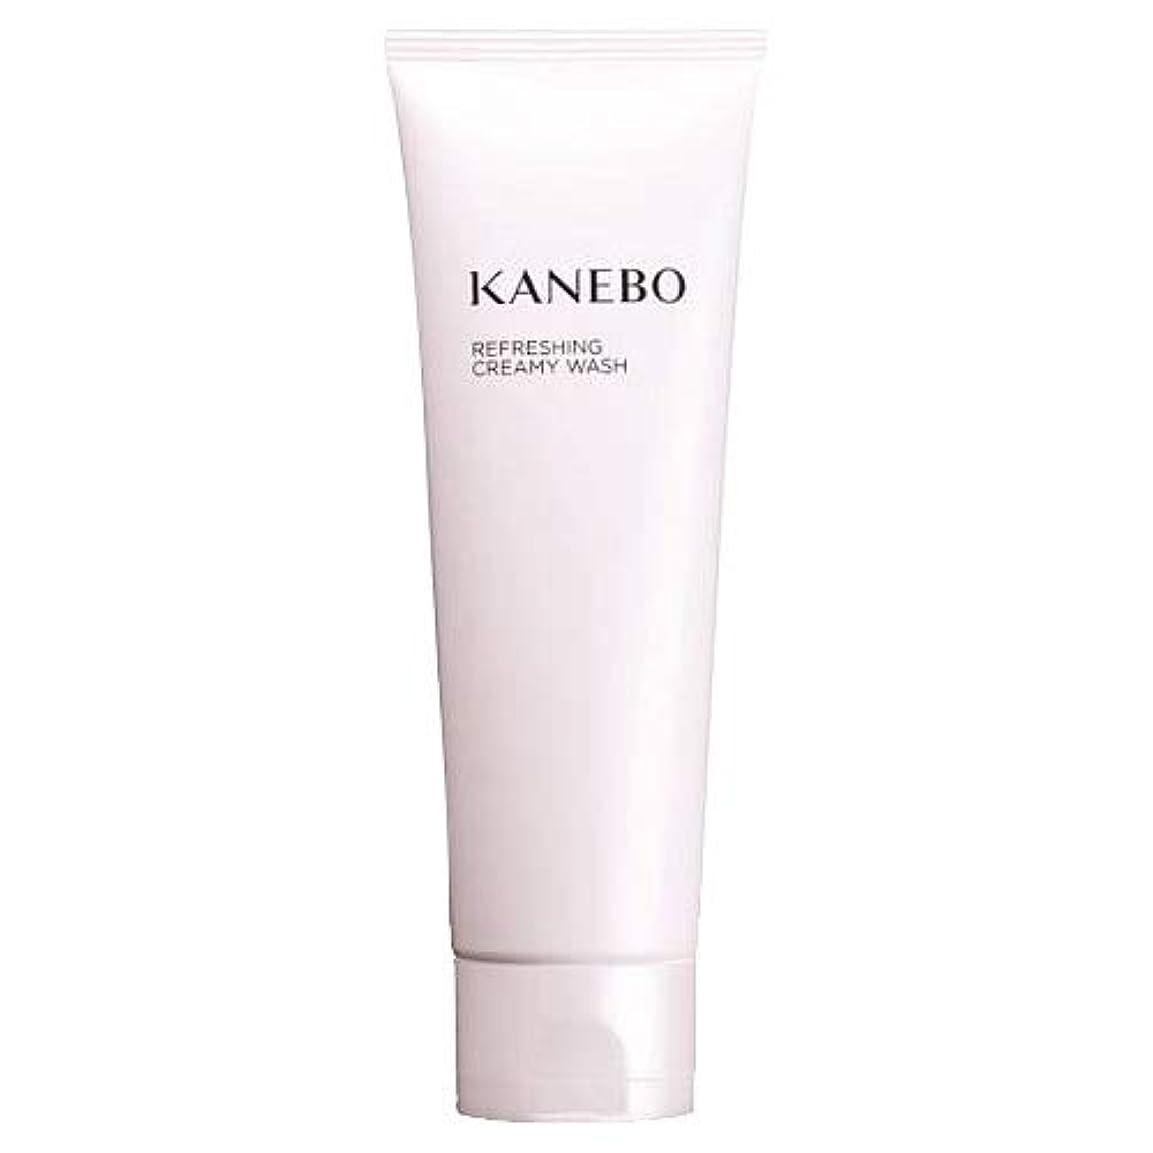 伝染病枯渇長くするカネボウ KANEBO 洗顔フォーム リフレッシングクリーミィウォッシュ 120ml :宅急便対応 送料無料 再入荷10 [並行輸入品]